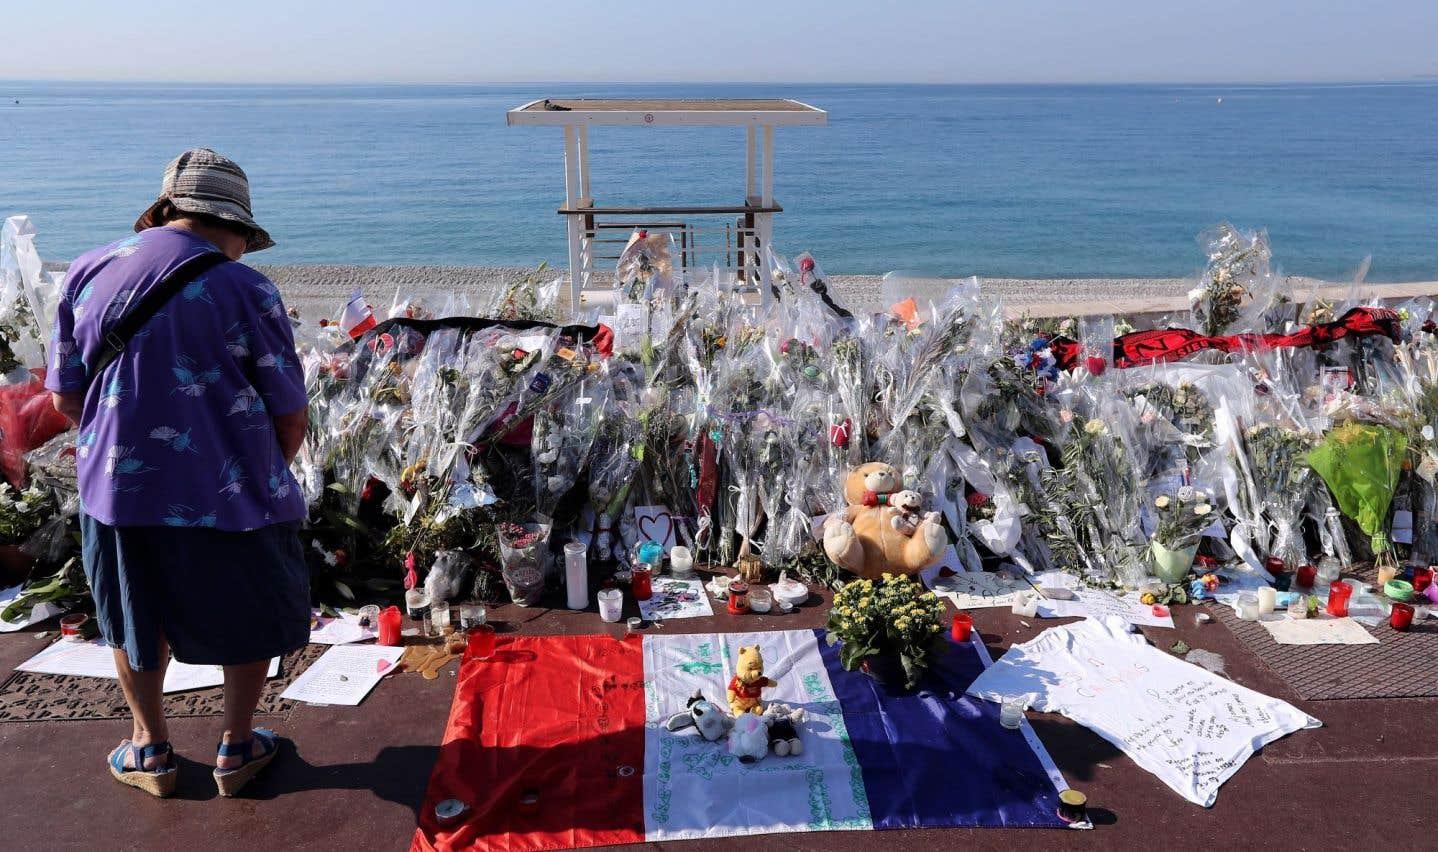 Attentat de Nice: l'édition controversée du «Paris Match» pourra être publiée